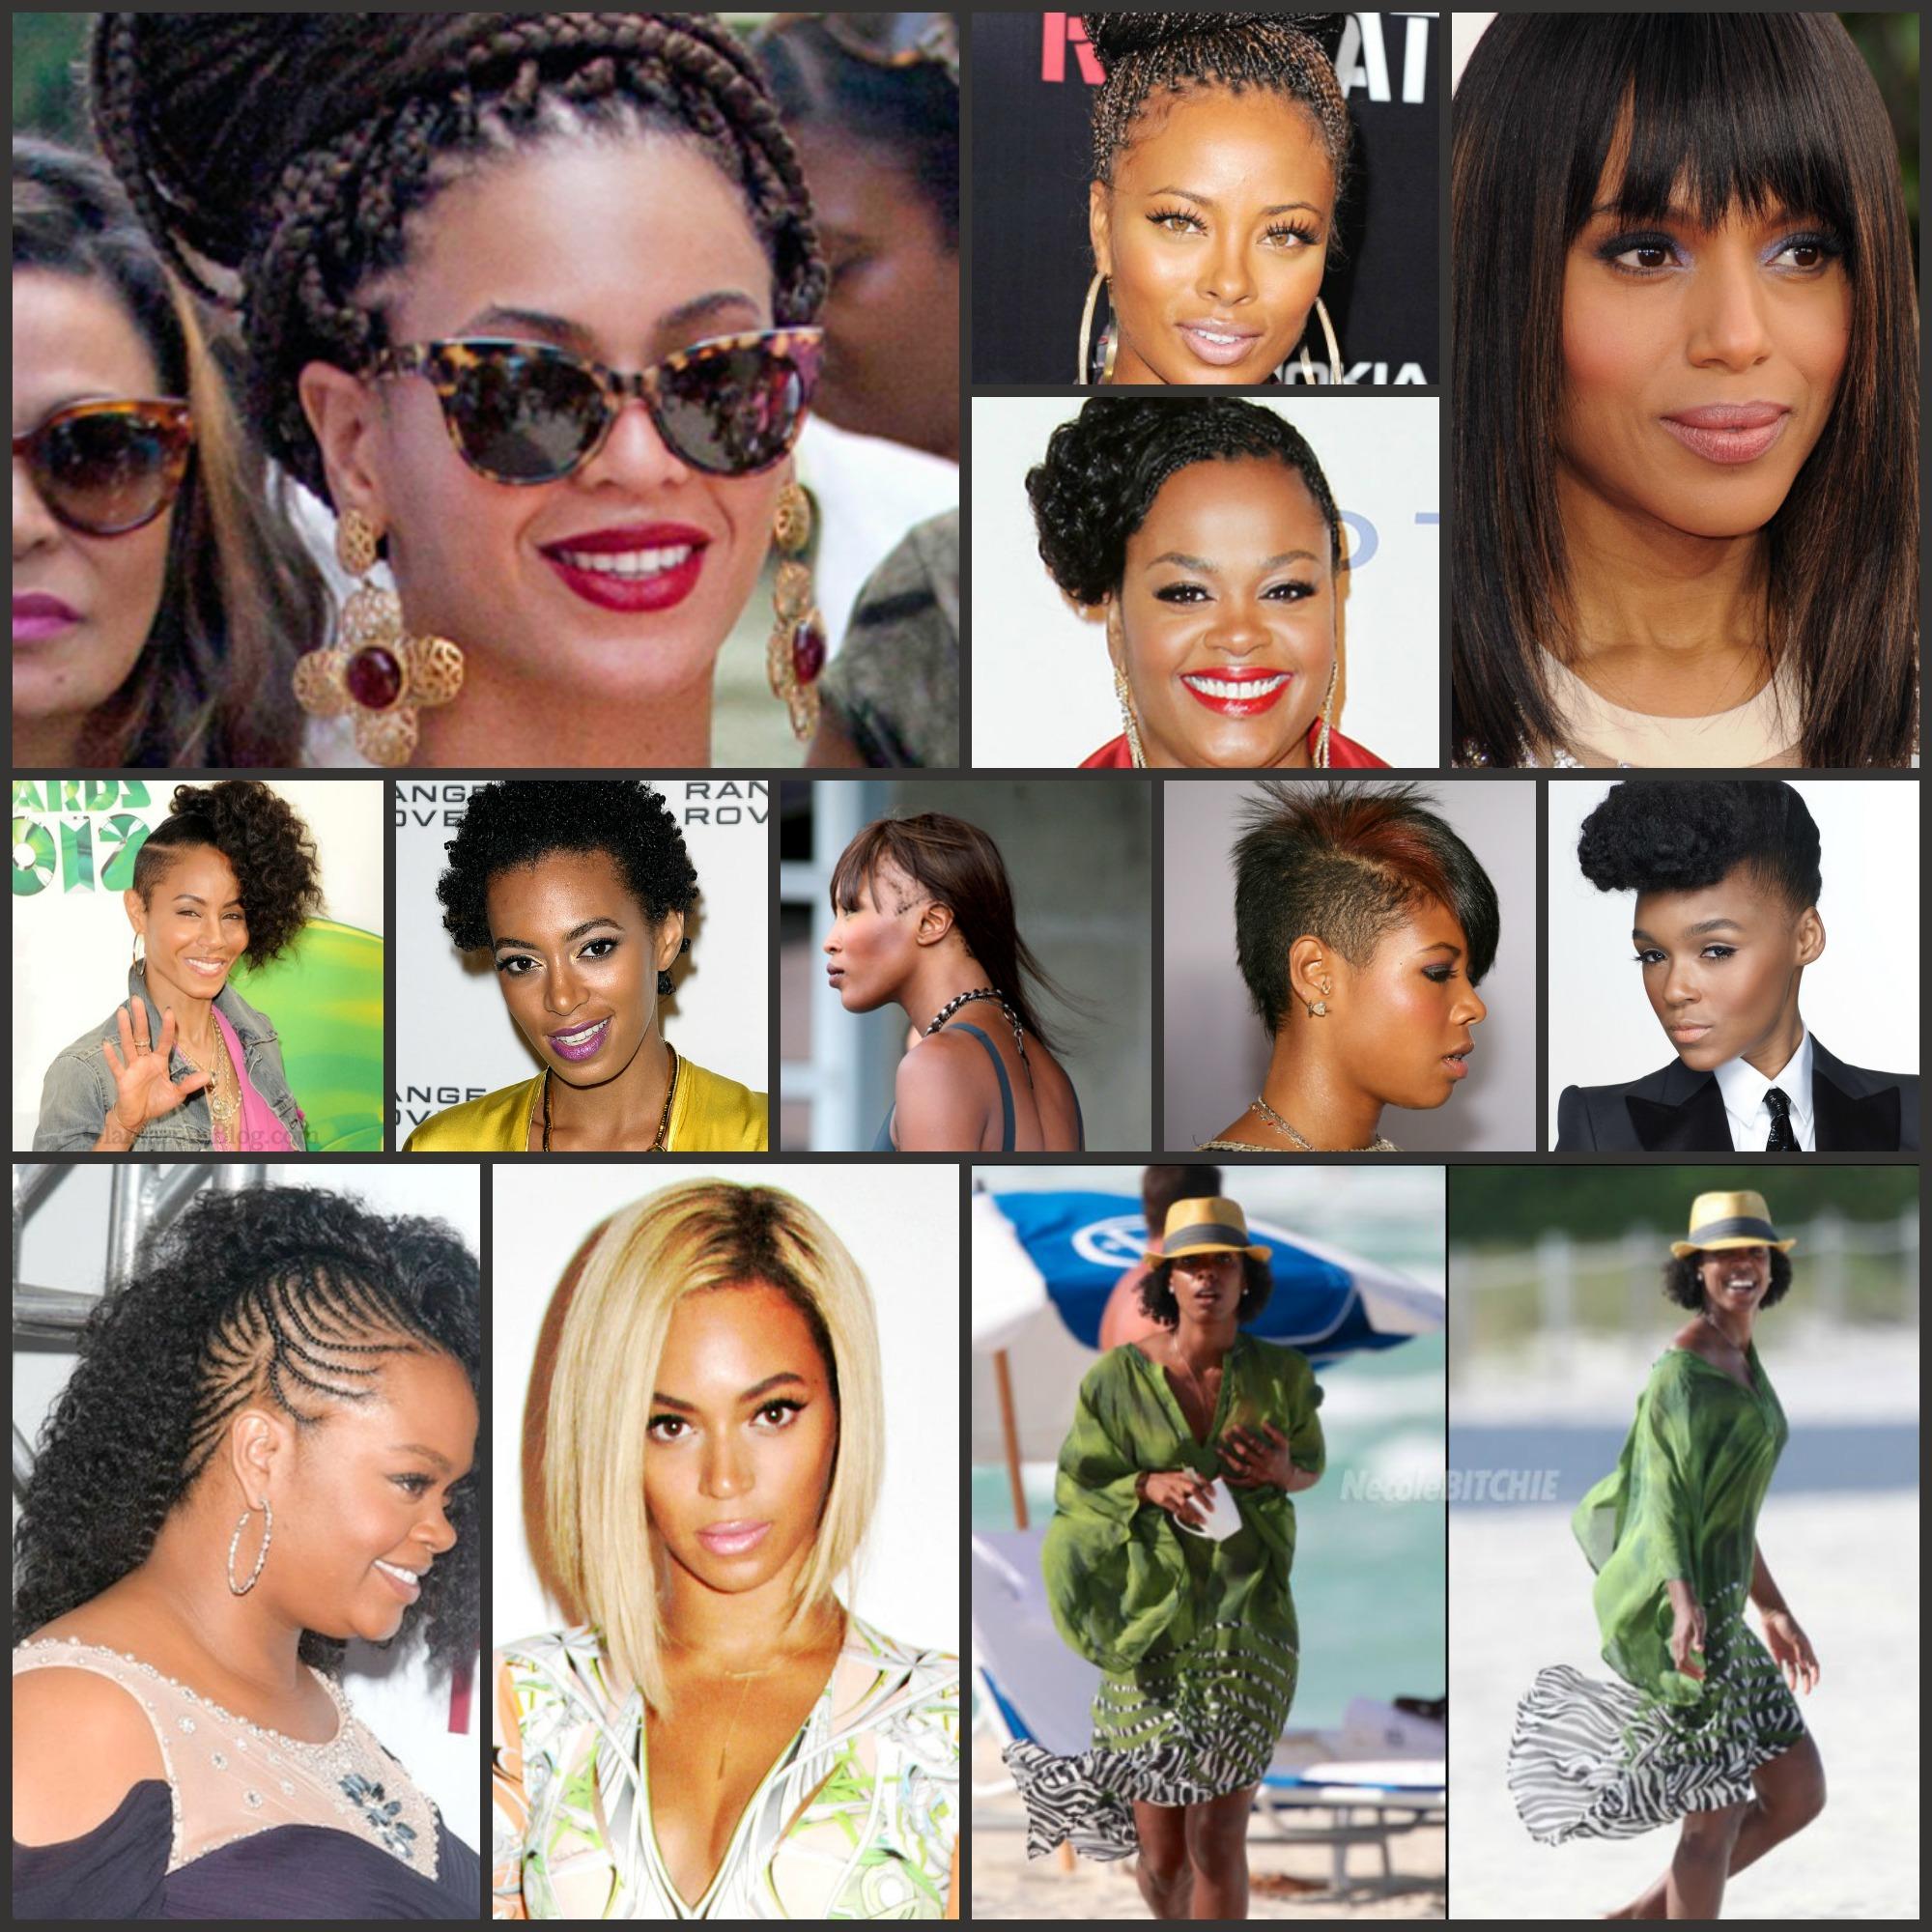 Tissage d frisage et tresses danger non de l accusation la responsabilit personnelle - Salon de coiffure afro ouvert le dimanche ...